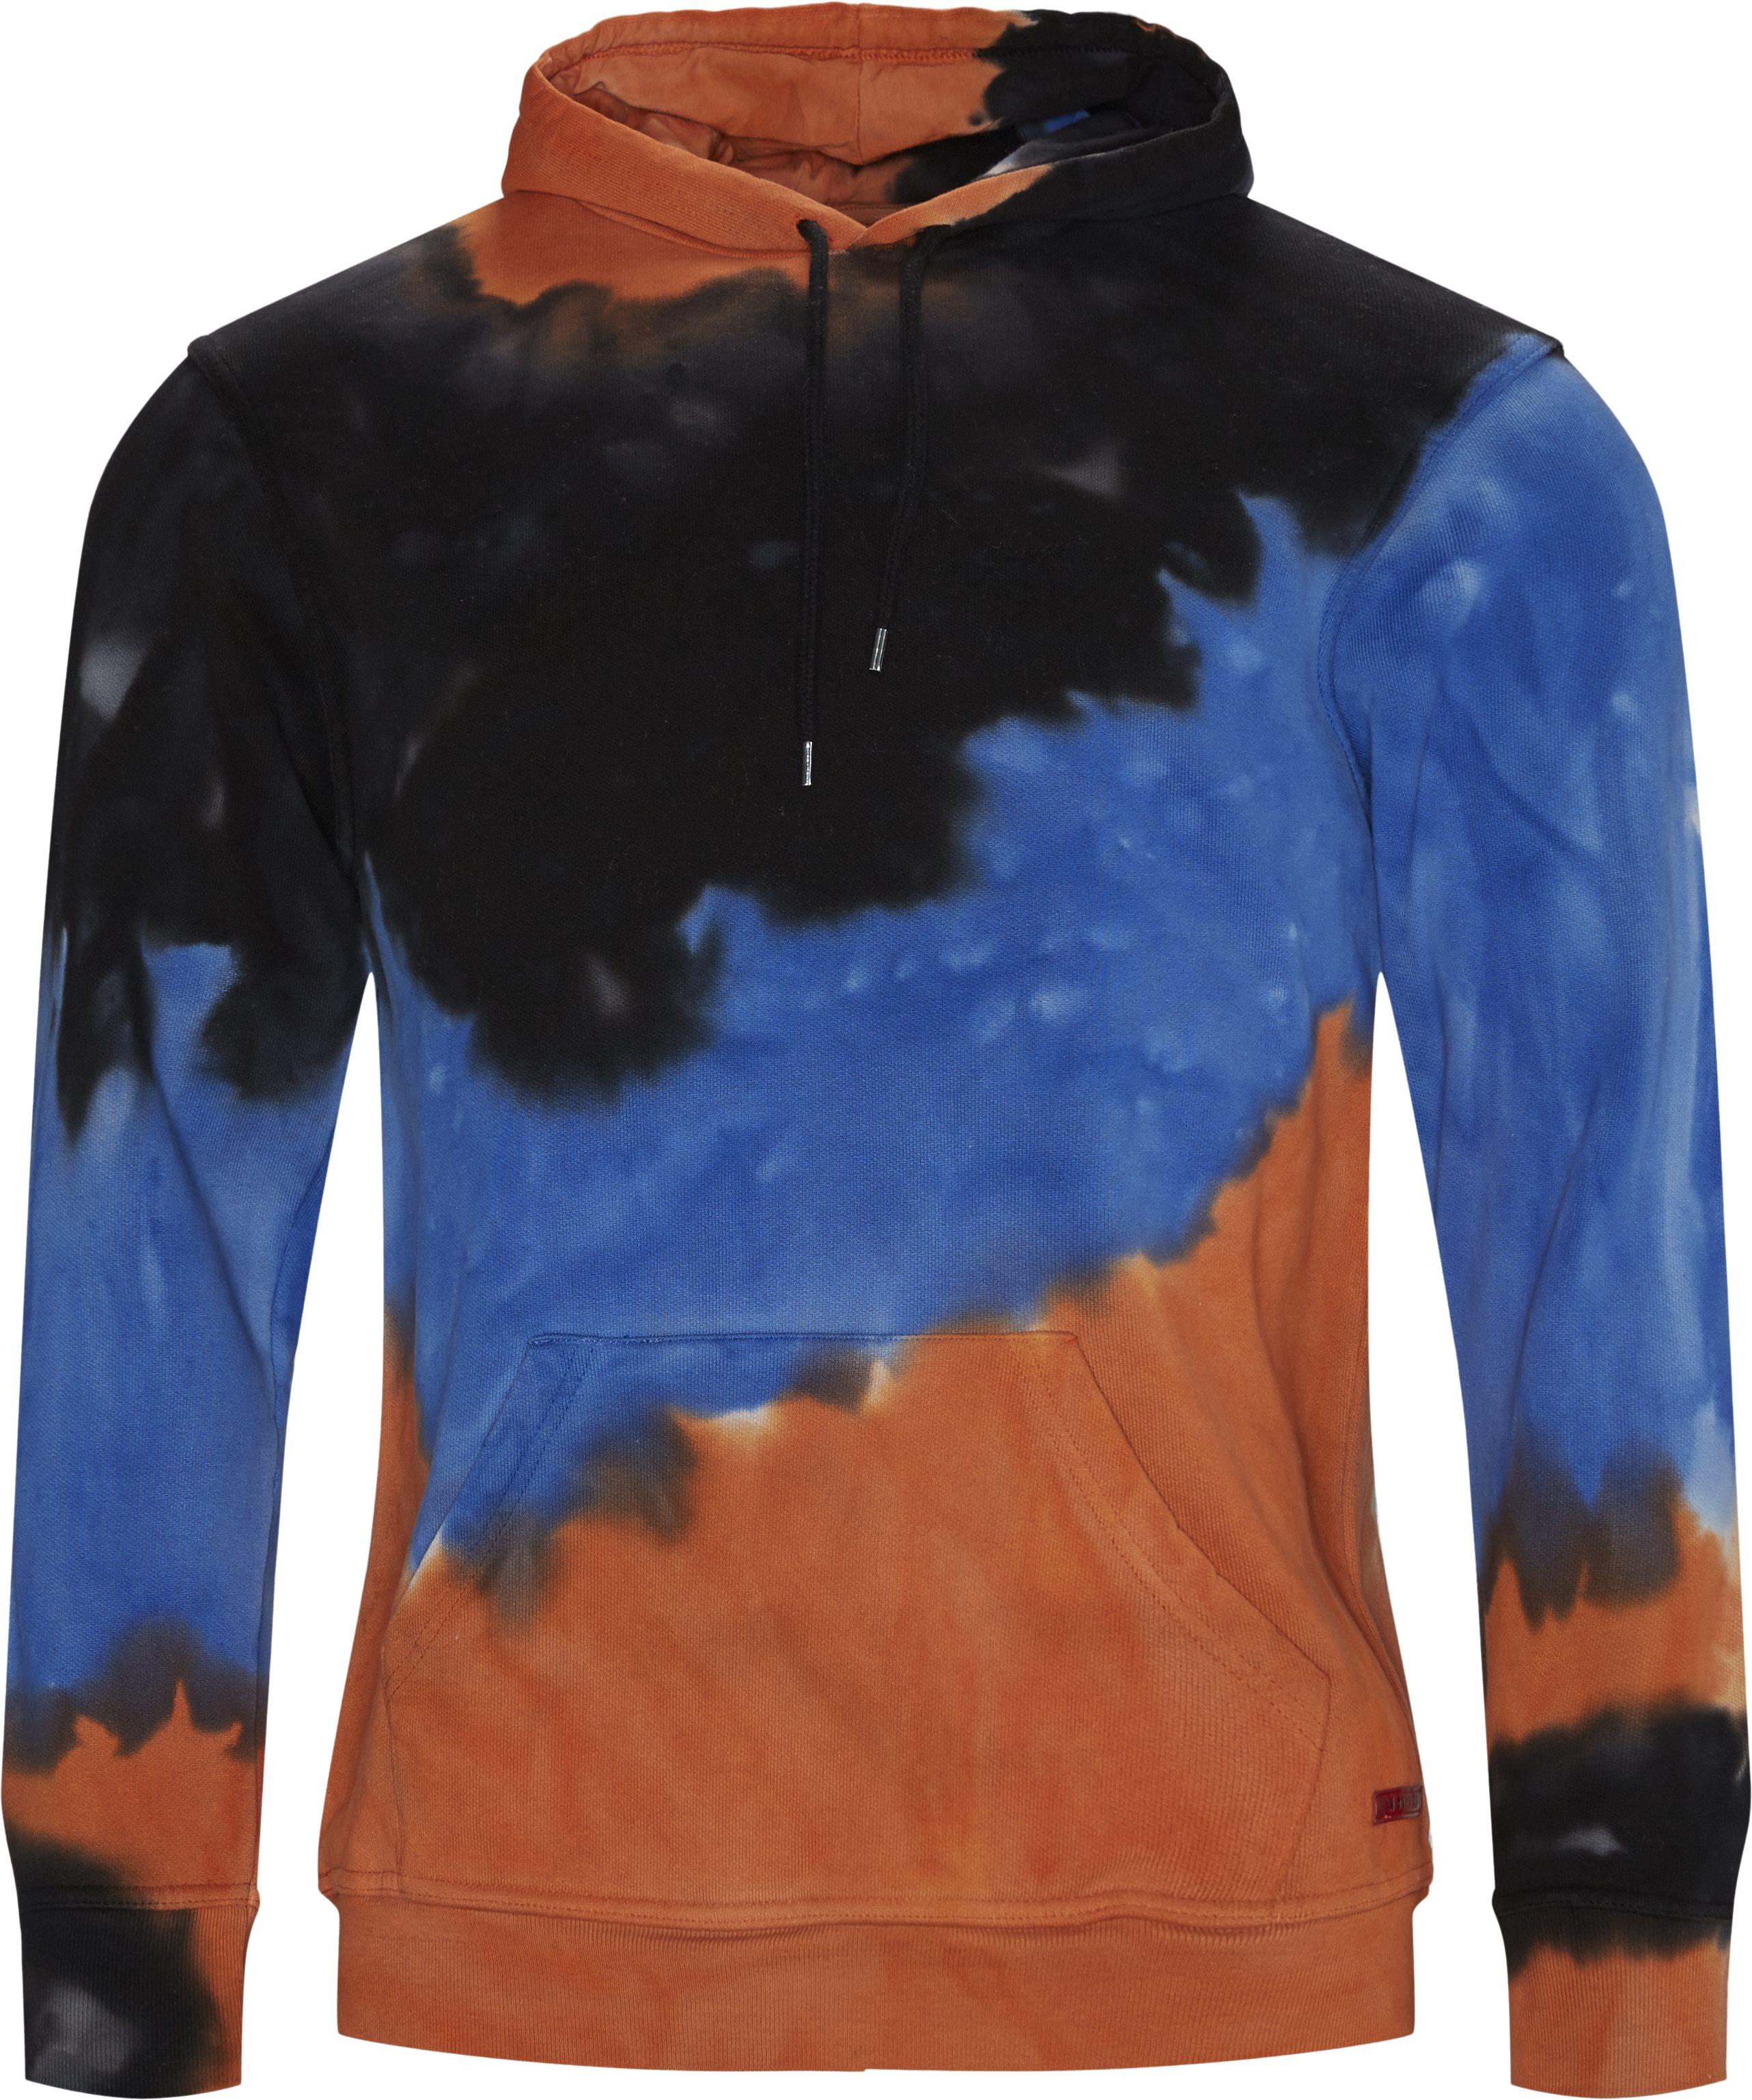 Hudson Hoodie - Sweatshirts - Regular fit - Multi